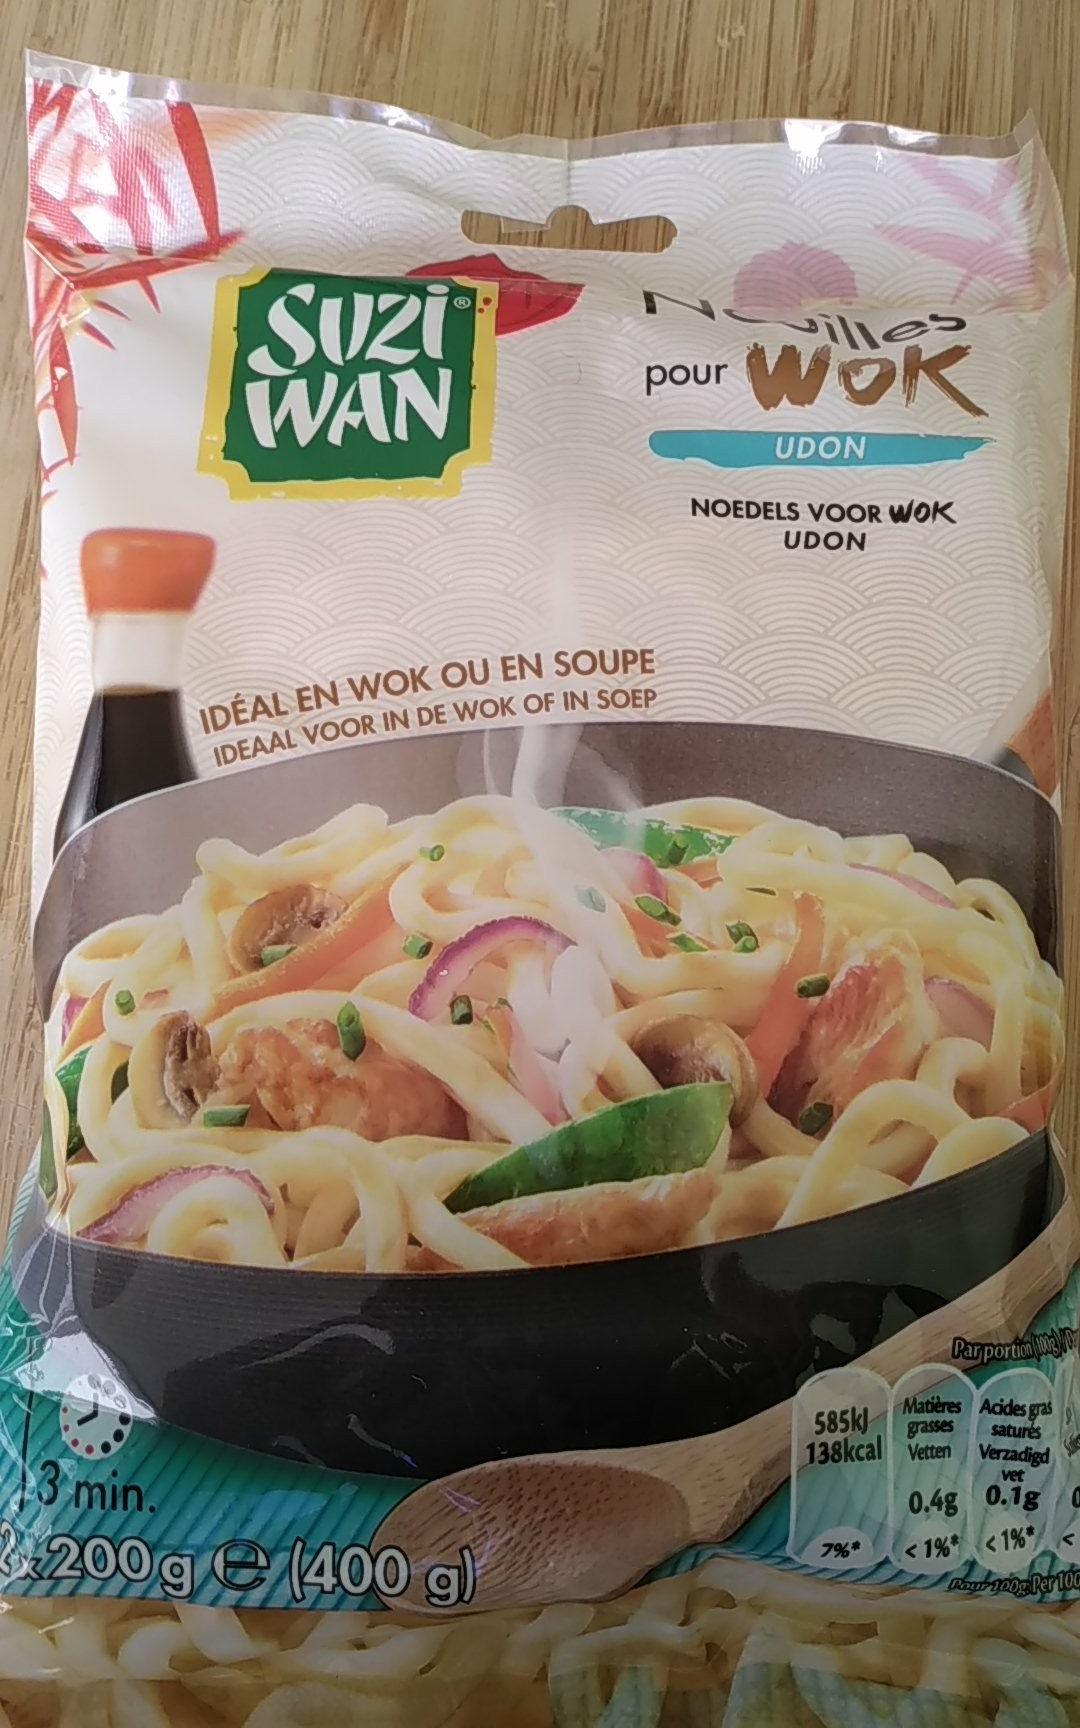 nouilles pour wok - Product